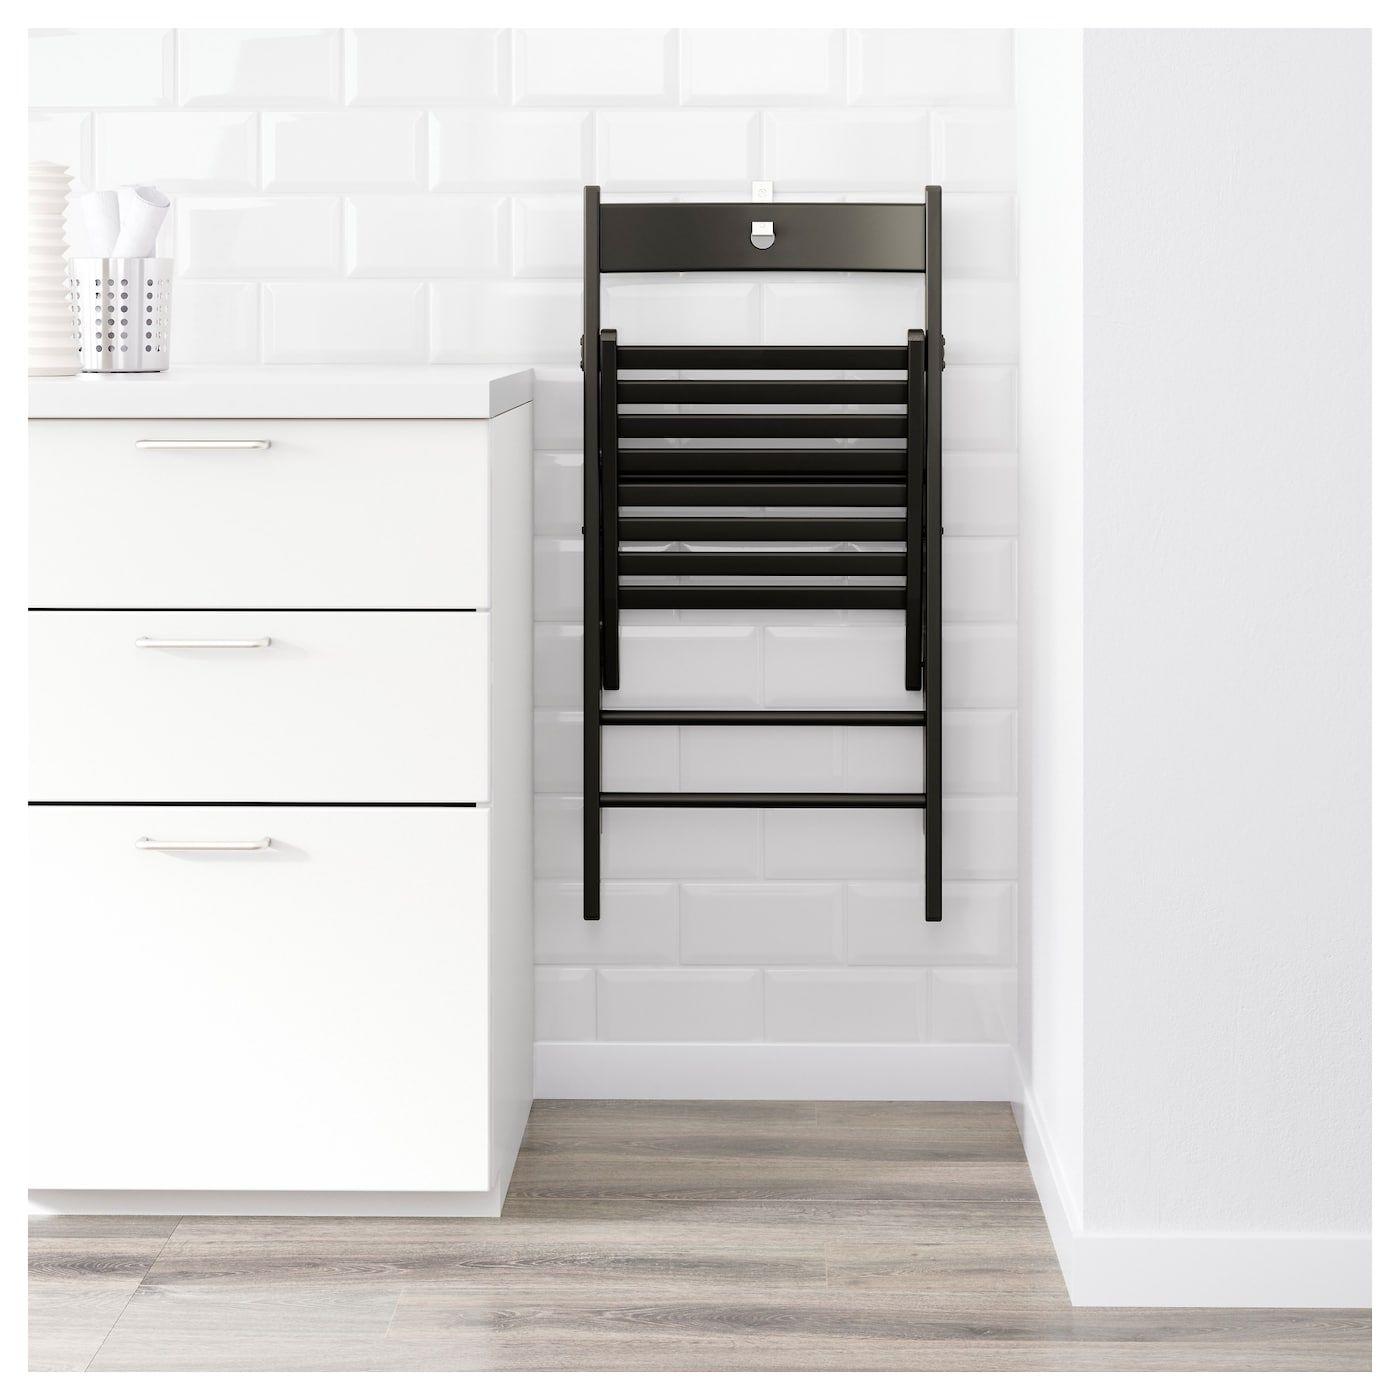 TERJE Klappstol, svart - IKEA  Chaise pliante, Ikea, Chaise